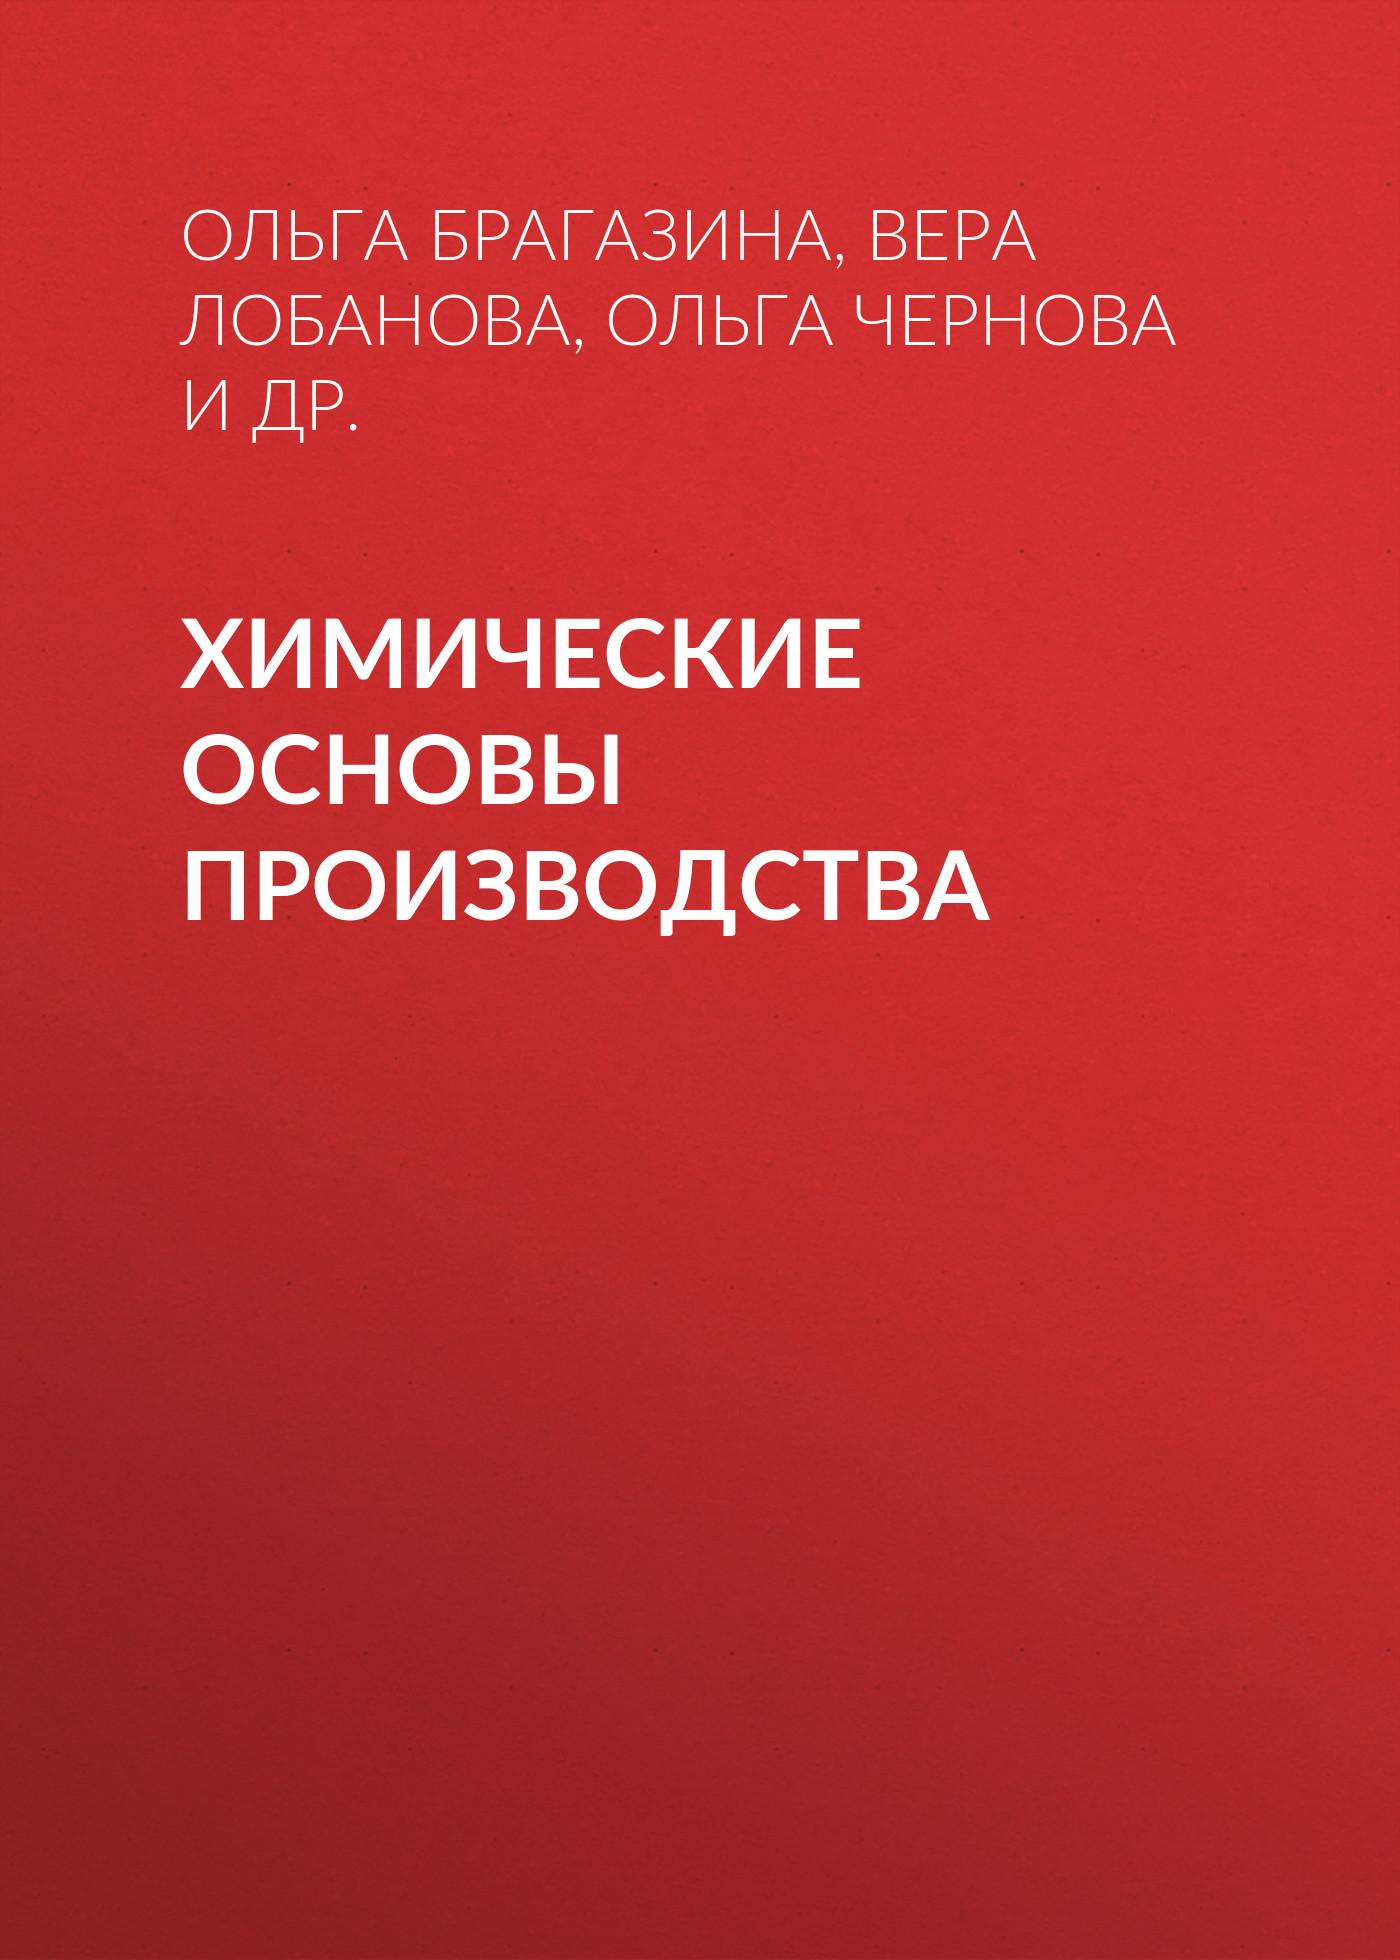 Ольга Брагазина Химические основы производства киносценарий основы написания